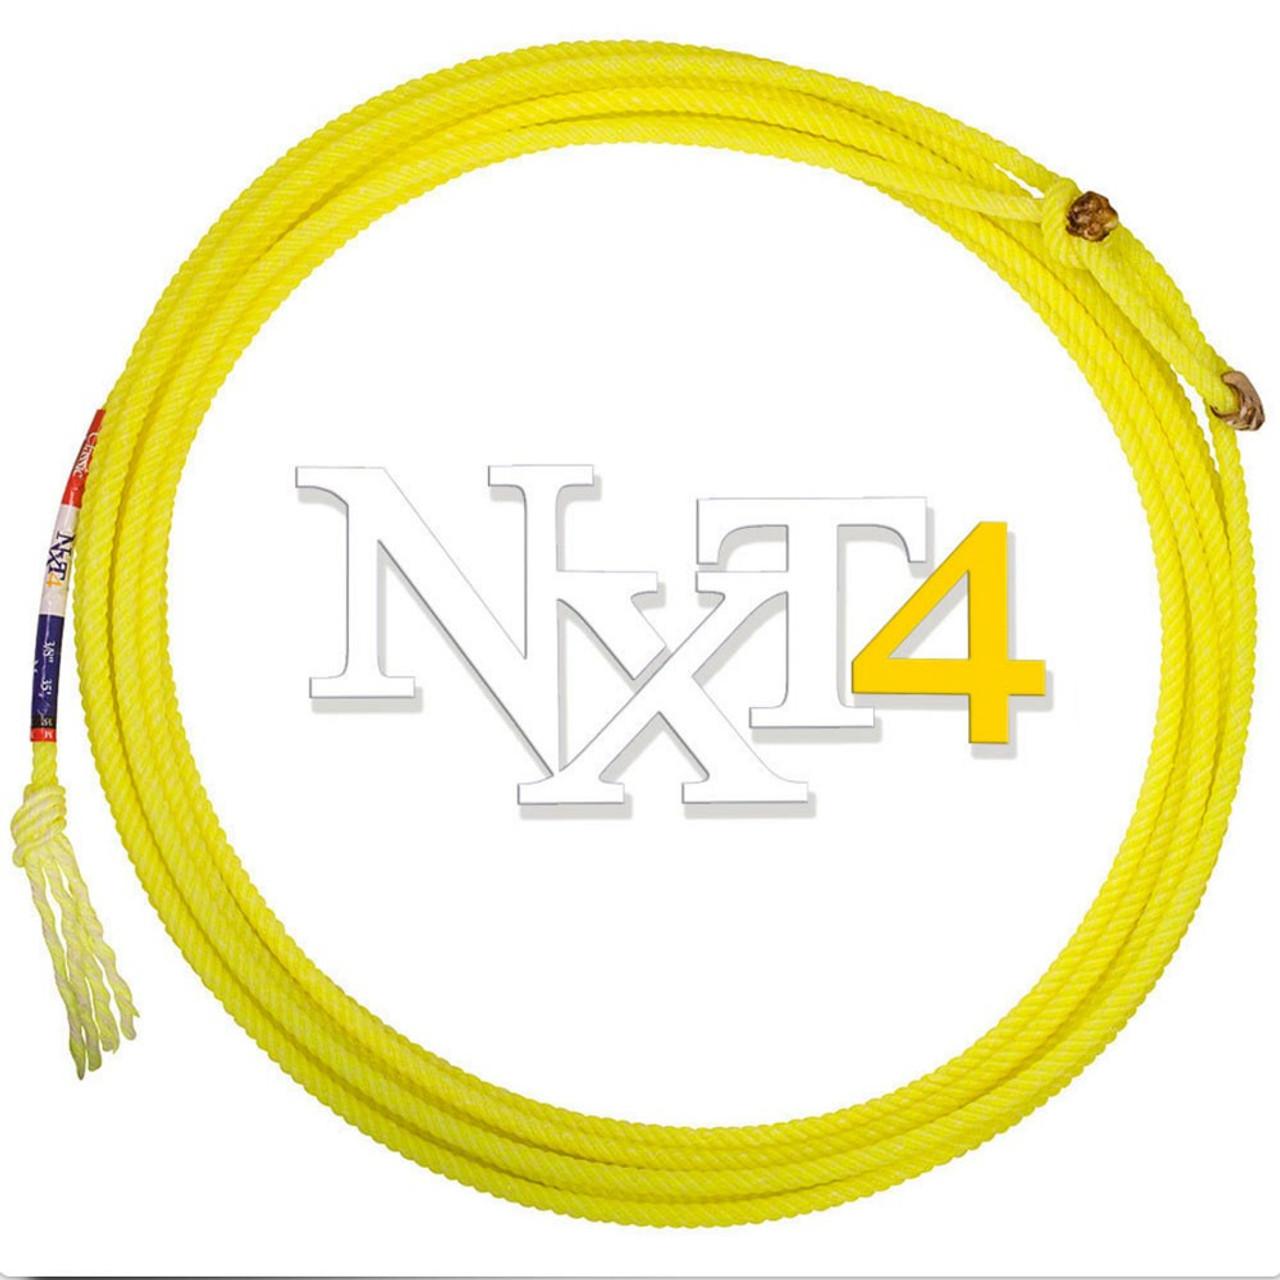 Rattler NXT4 - Heel Rope 3/8 35' (7656)